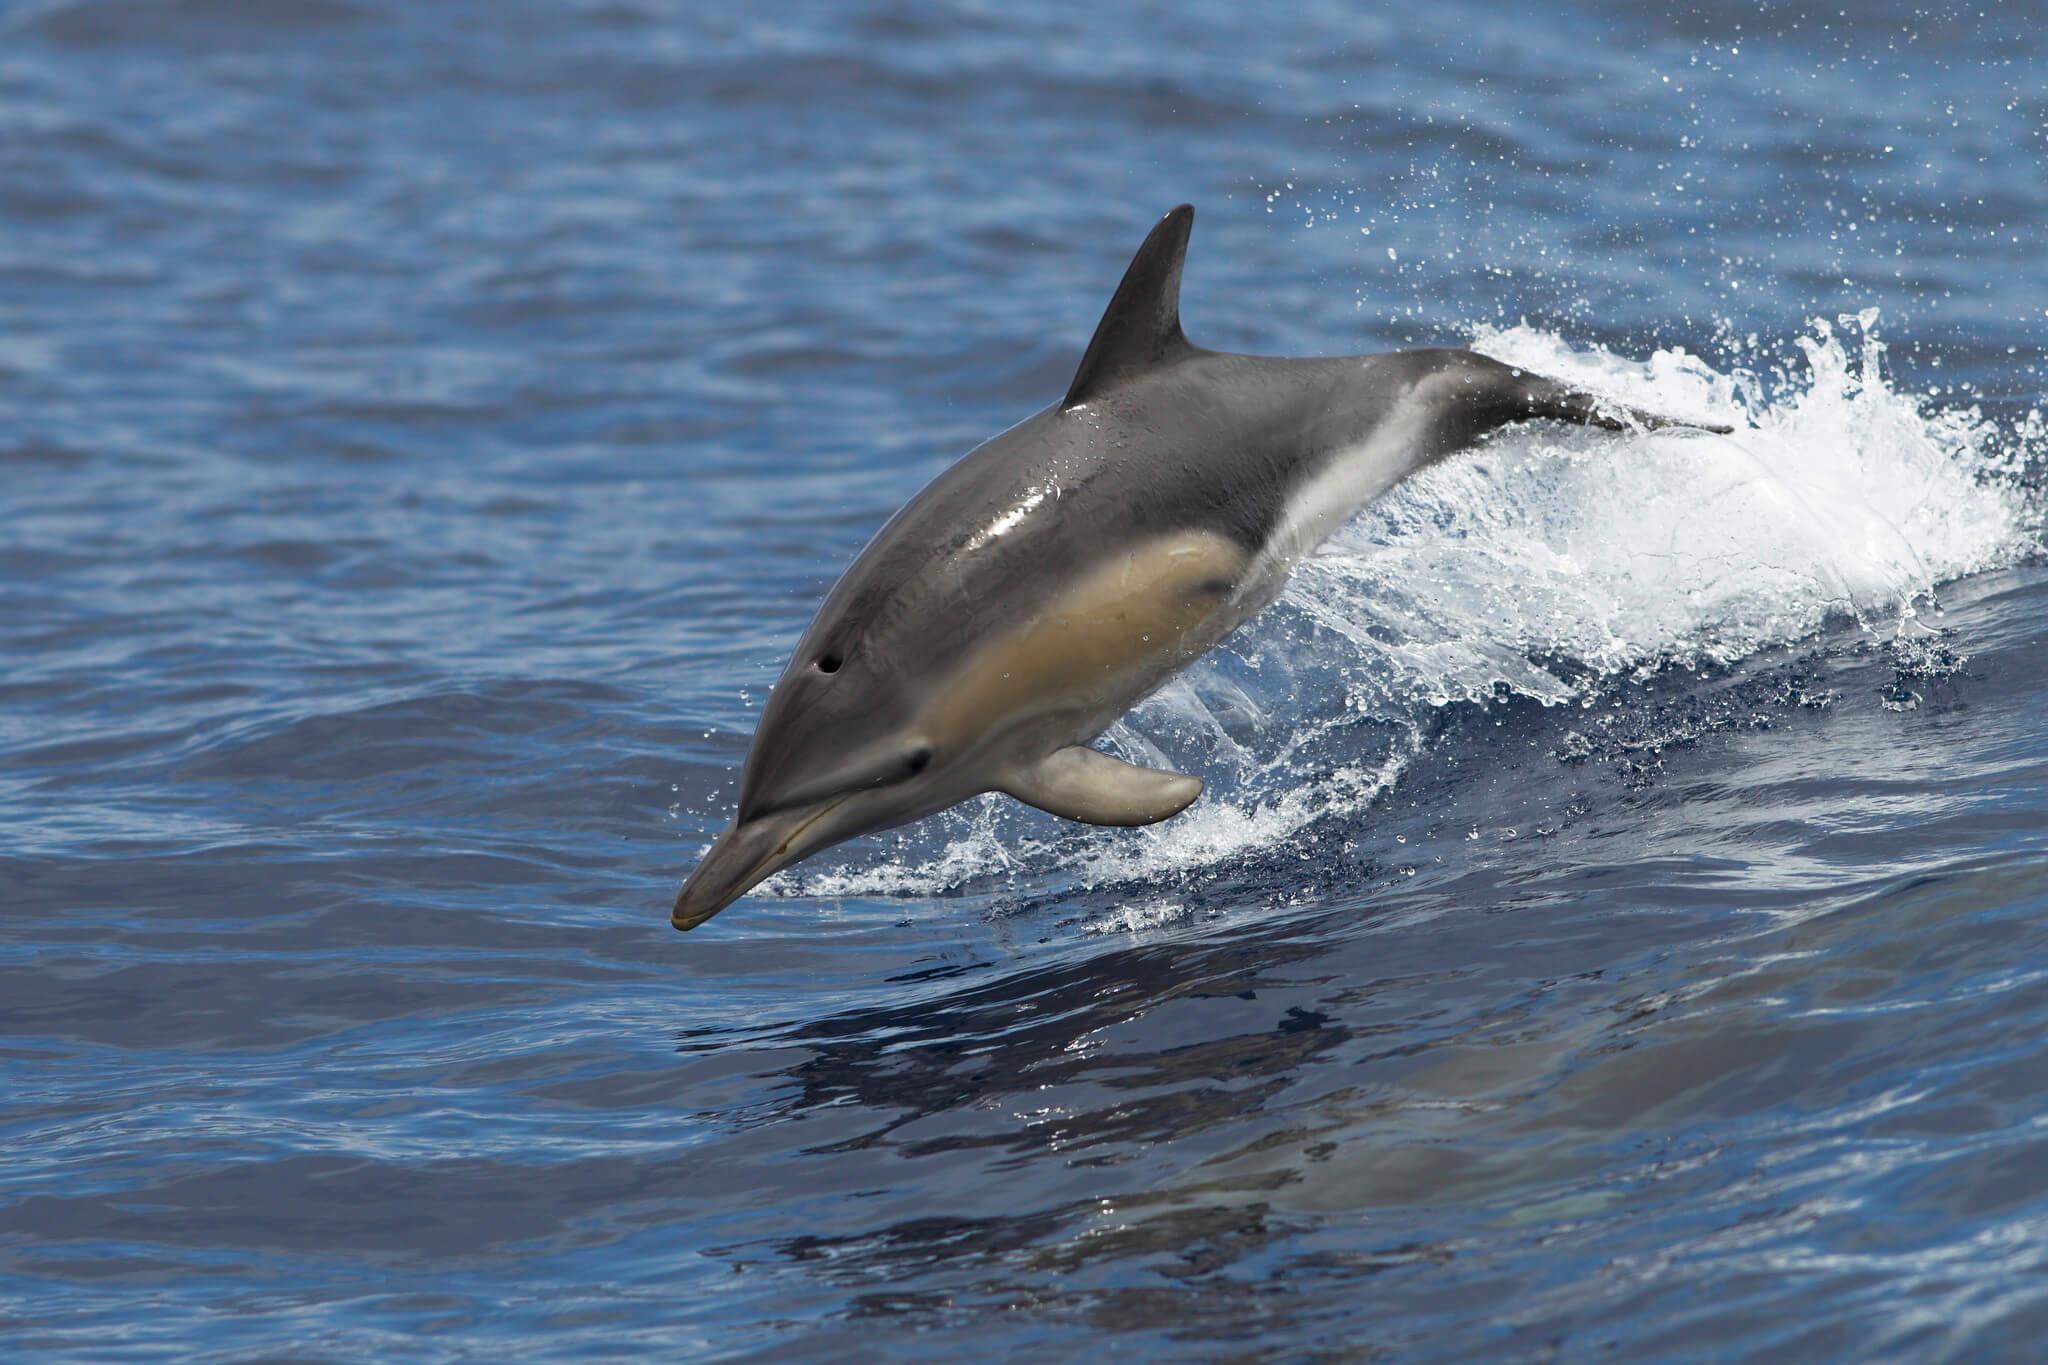 Comunicat de presă depunere petiție delfinariu